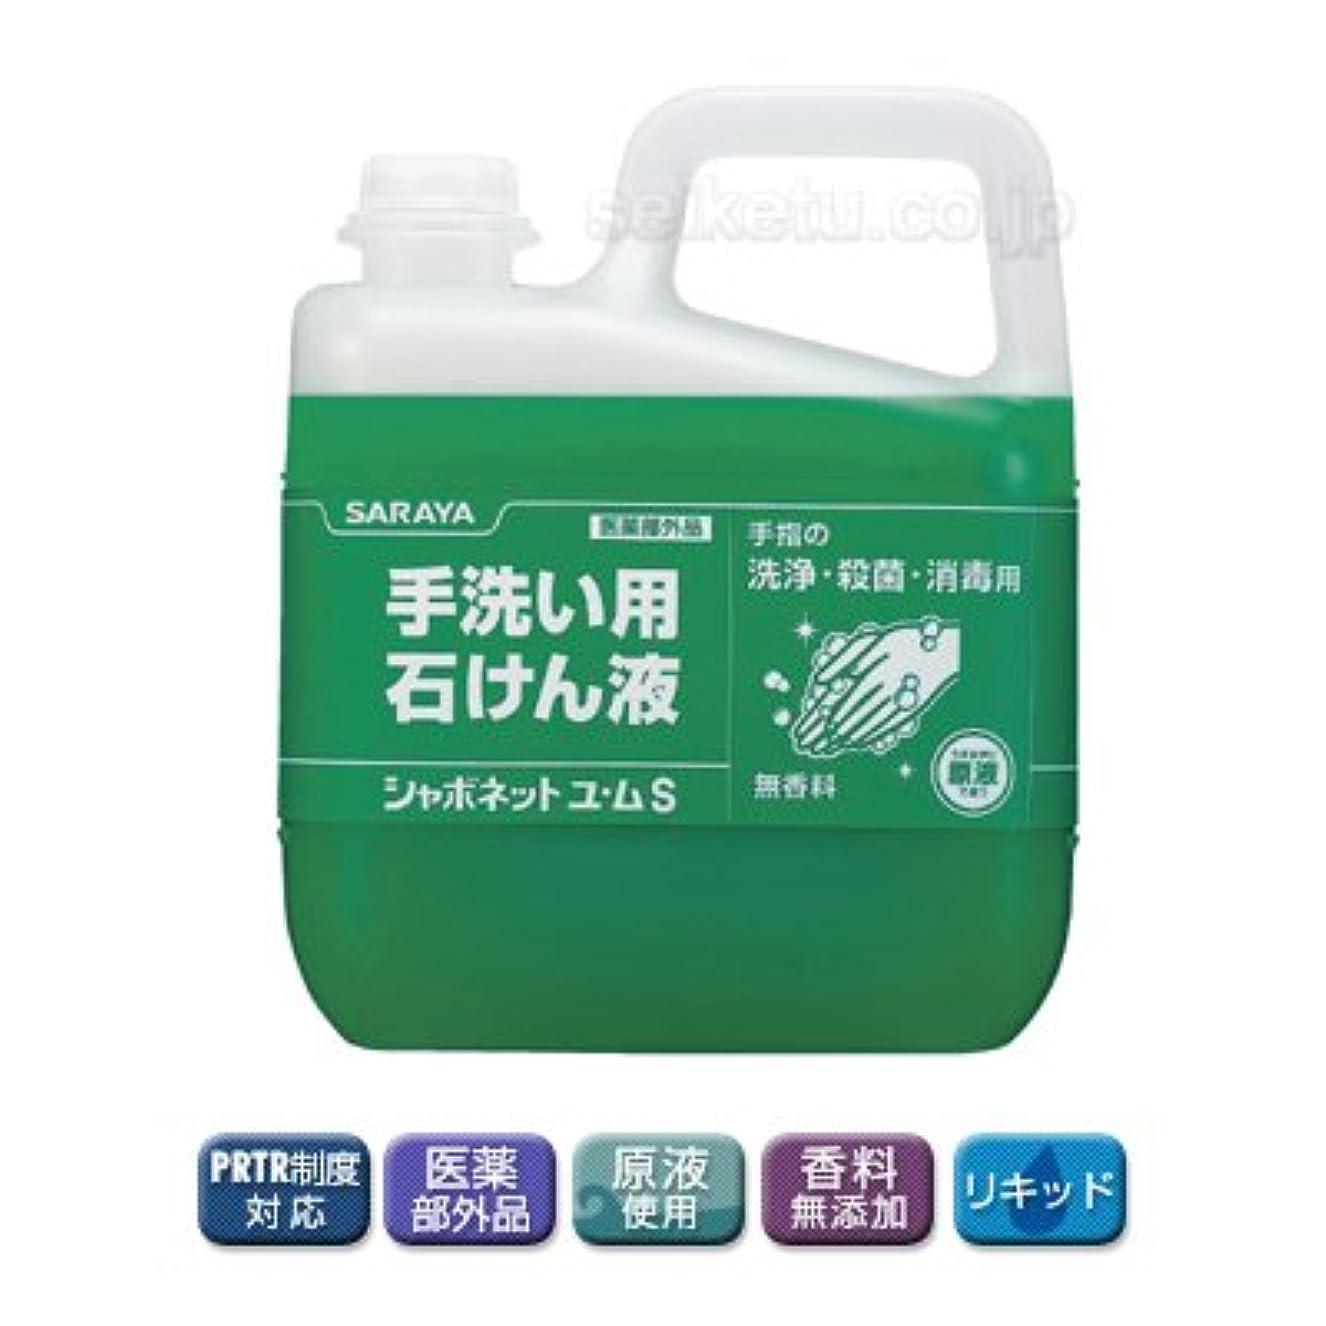 無傷乱暴な予見する【清潔キレイ館】サラヤ シャボネット石鹸液ユ?ムS(5kg)